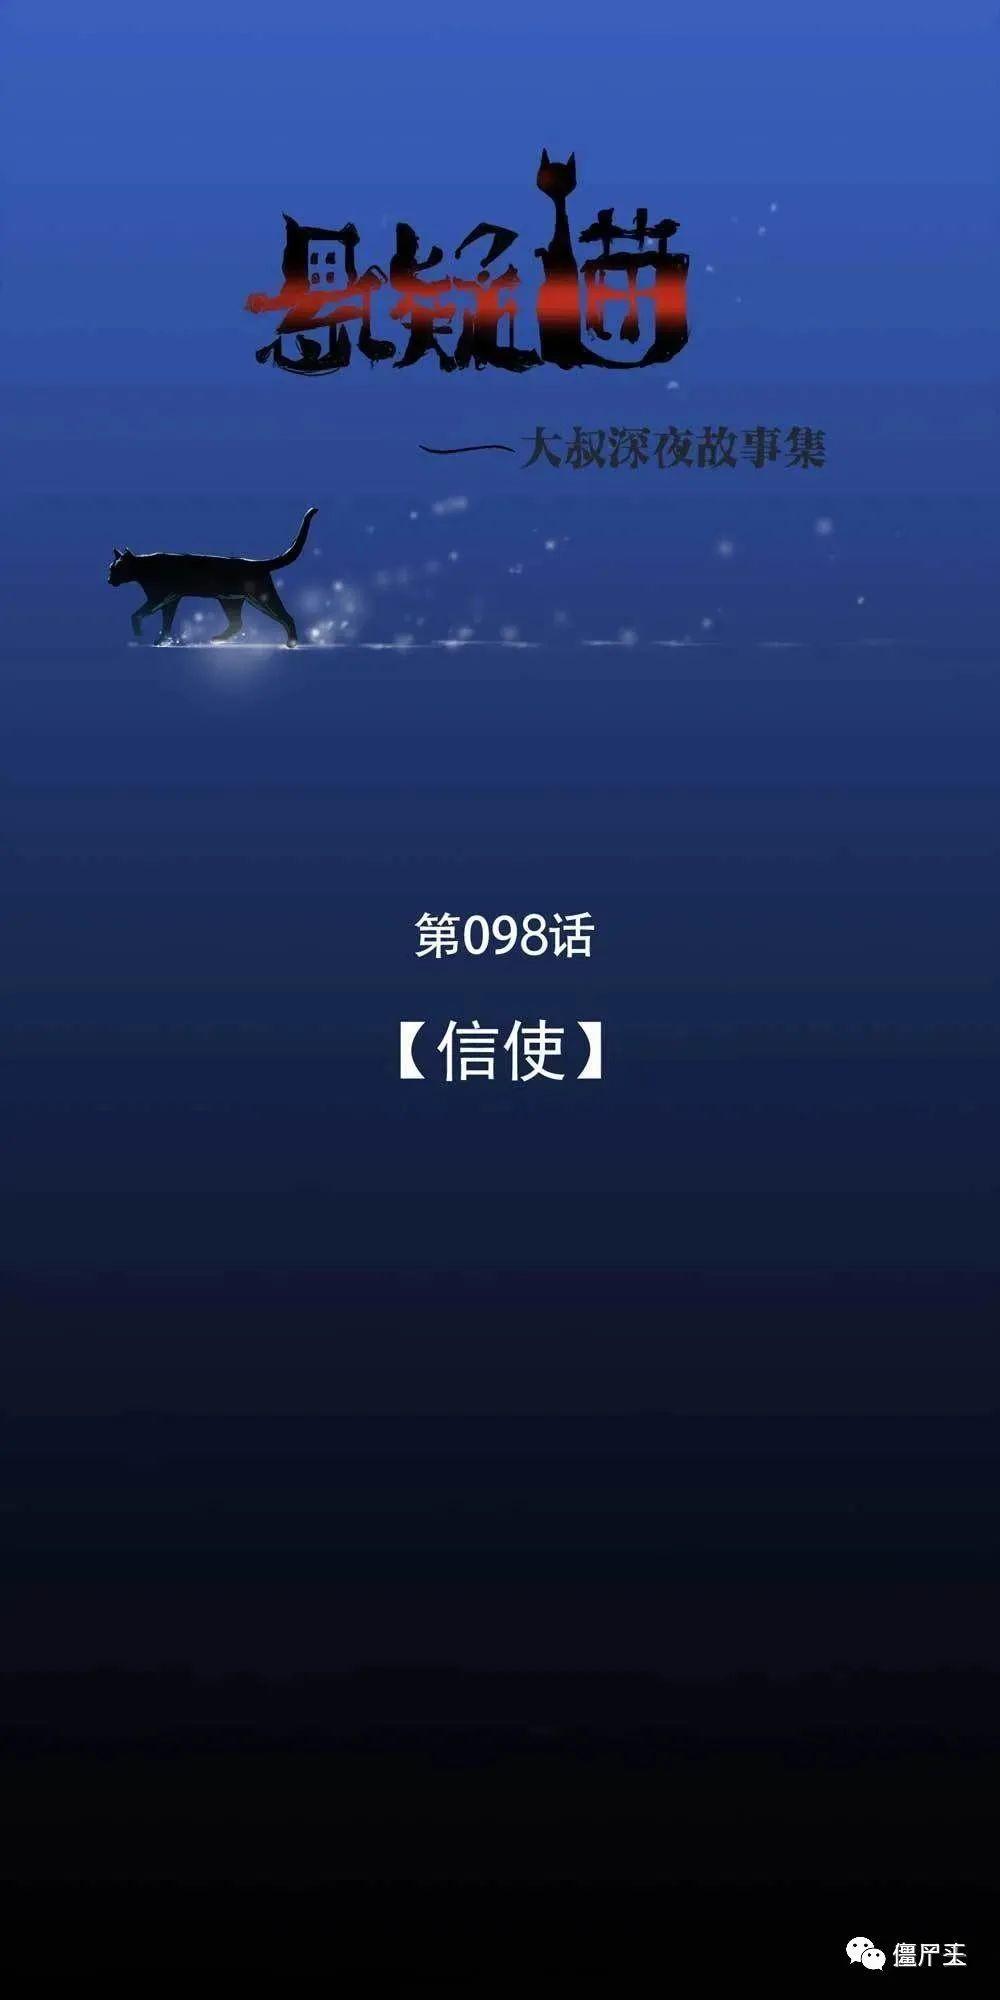 僵尸王漫画:悬疑猫 | 信使